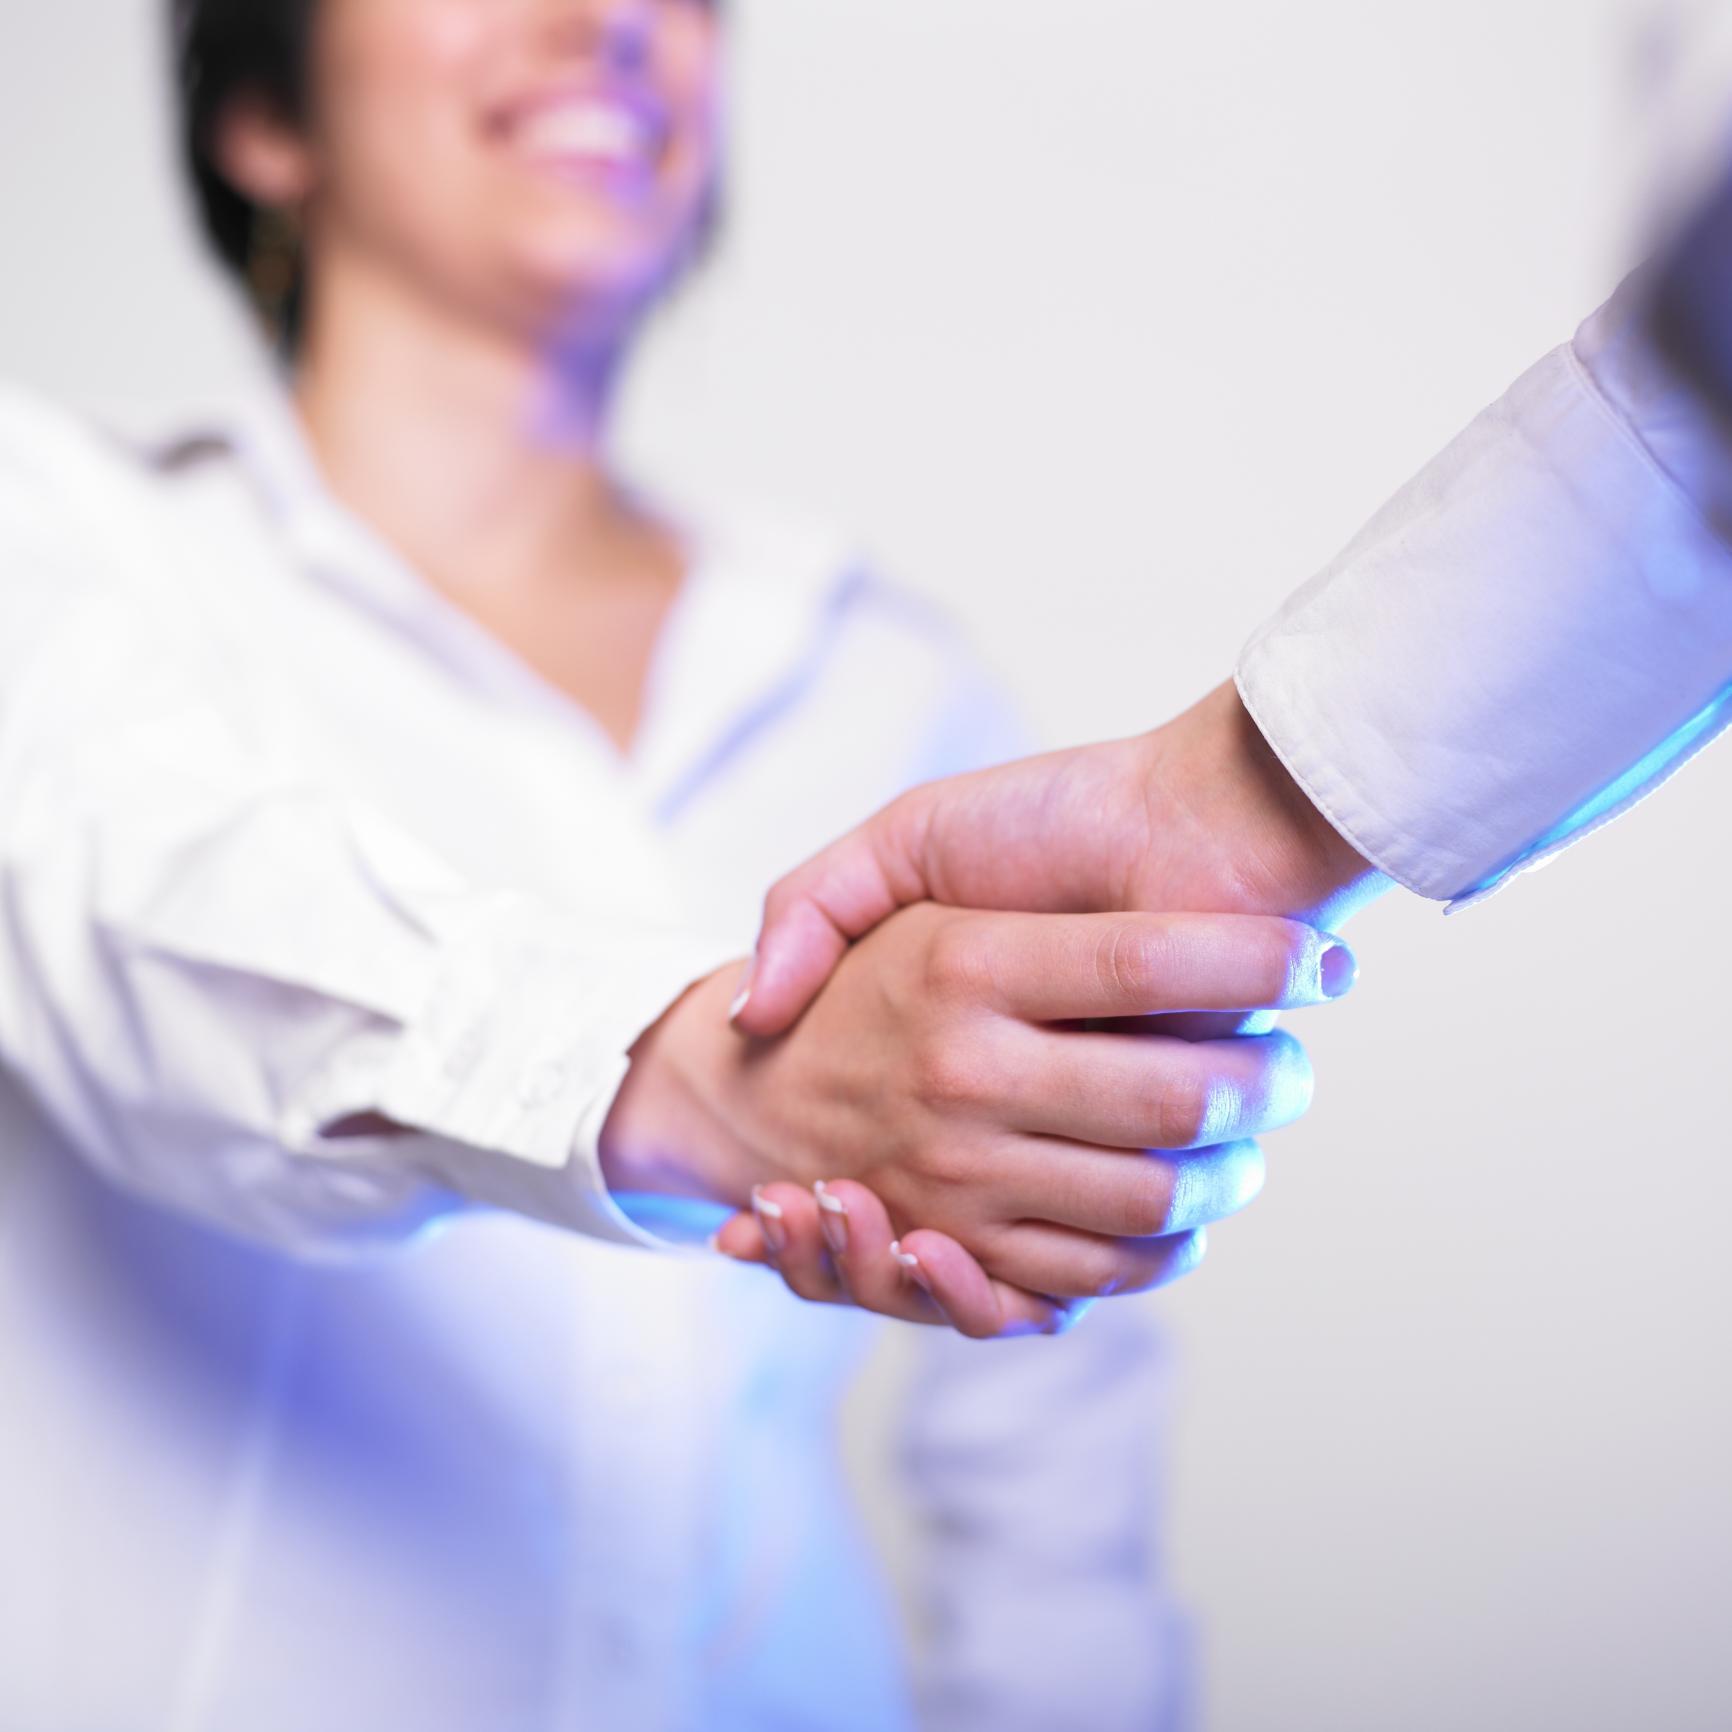 handshake-handshaking